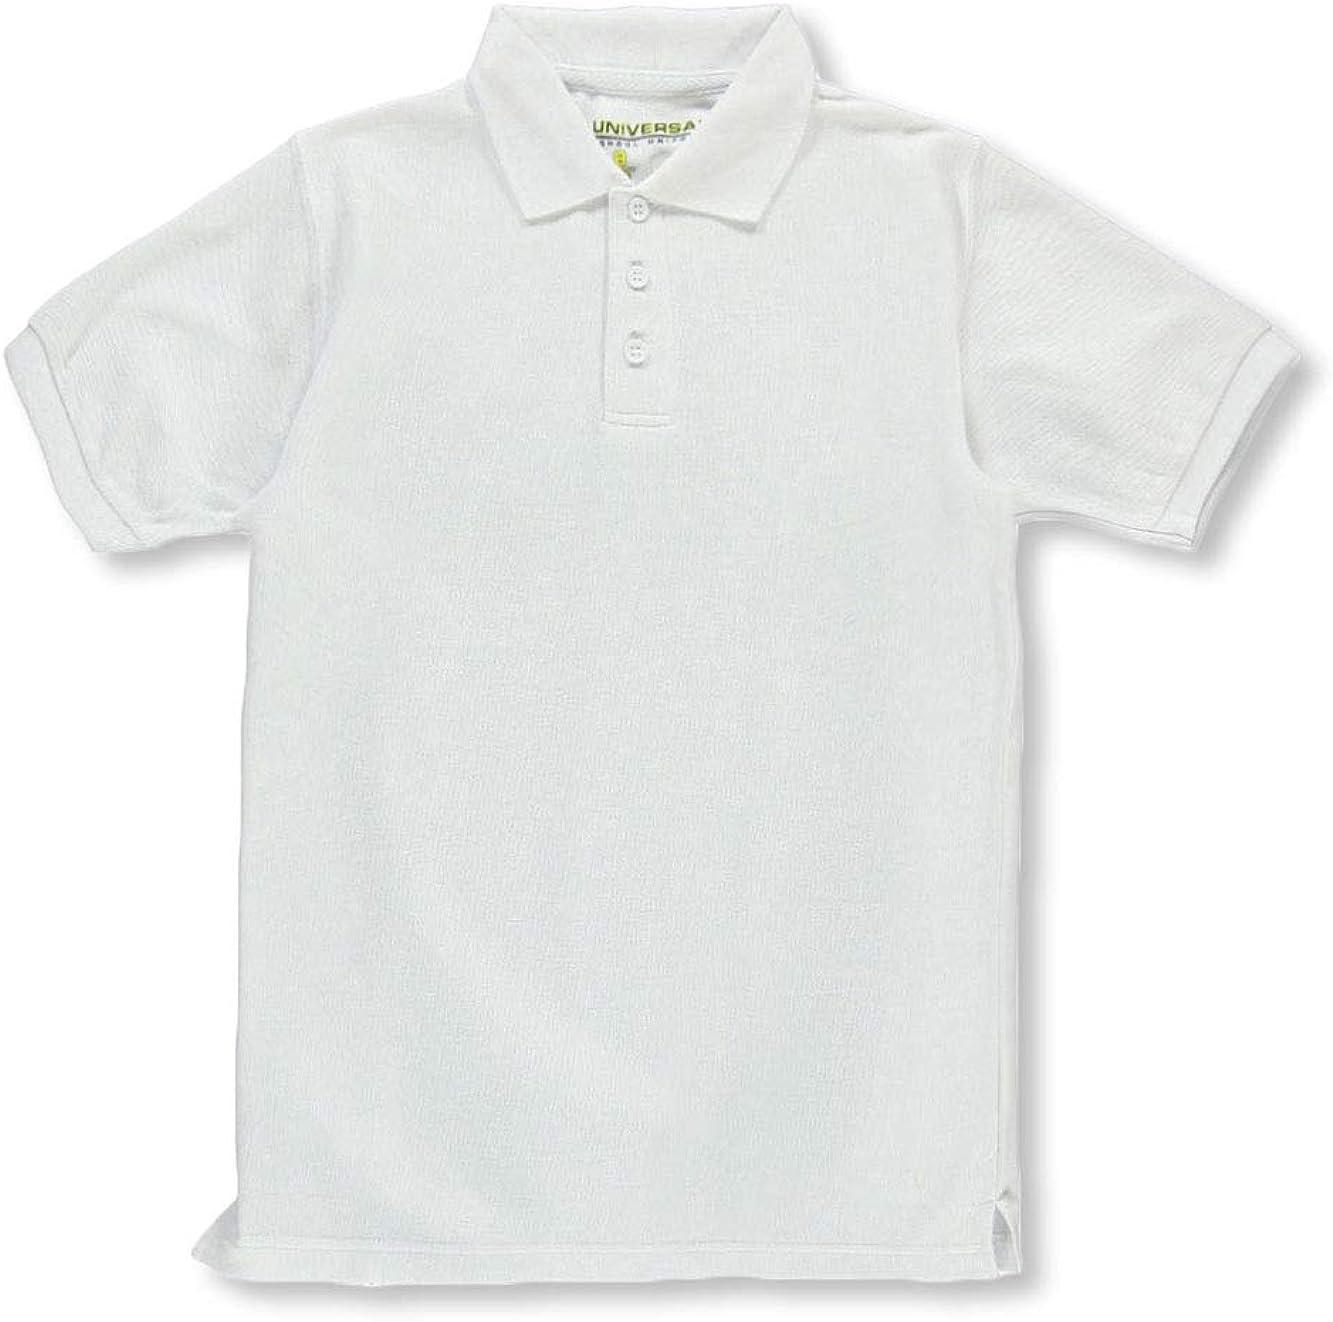 Universal Unisex S/S Pique Polo - White, 14